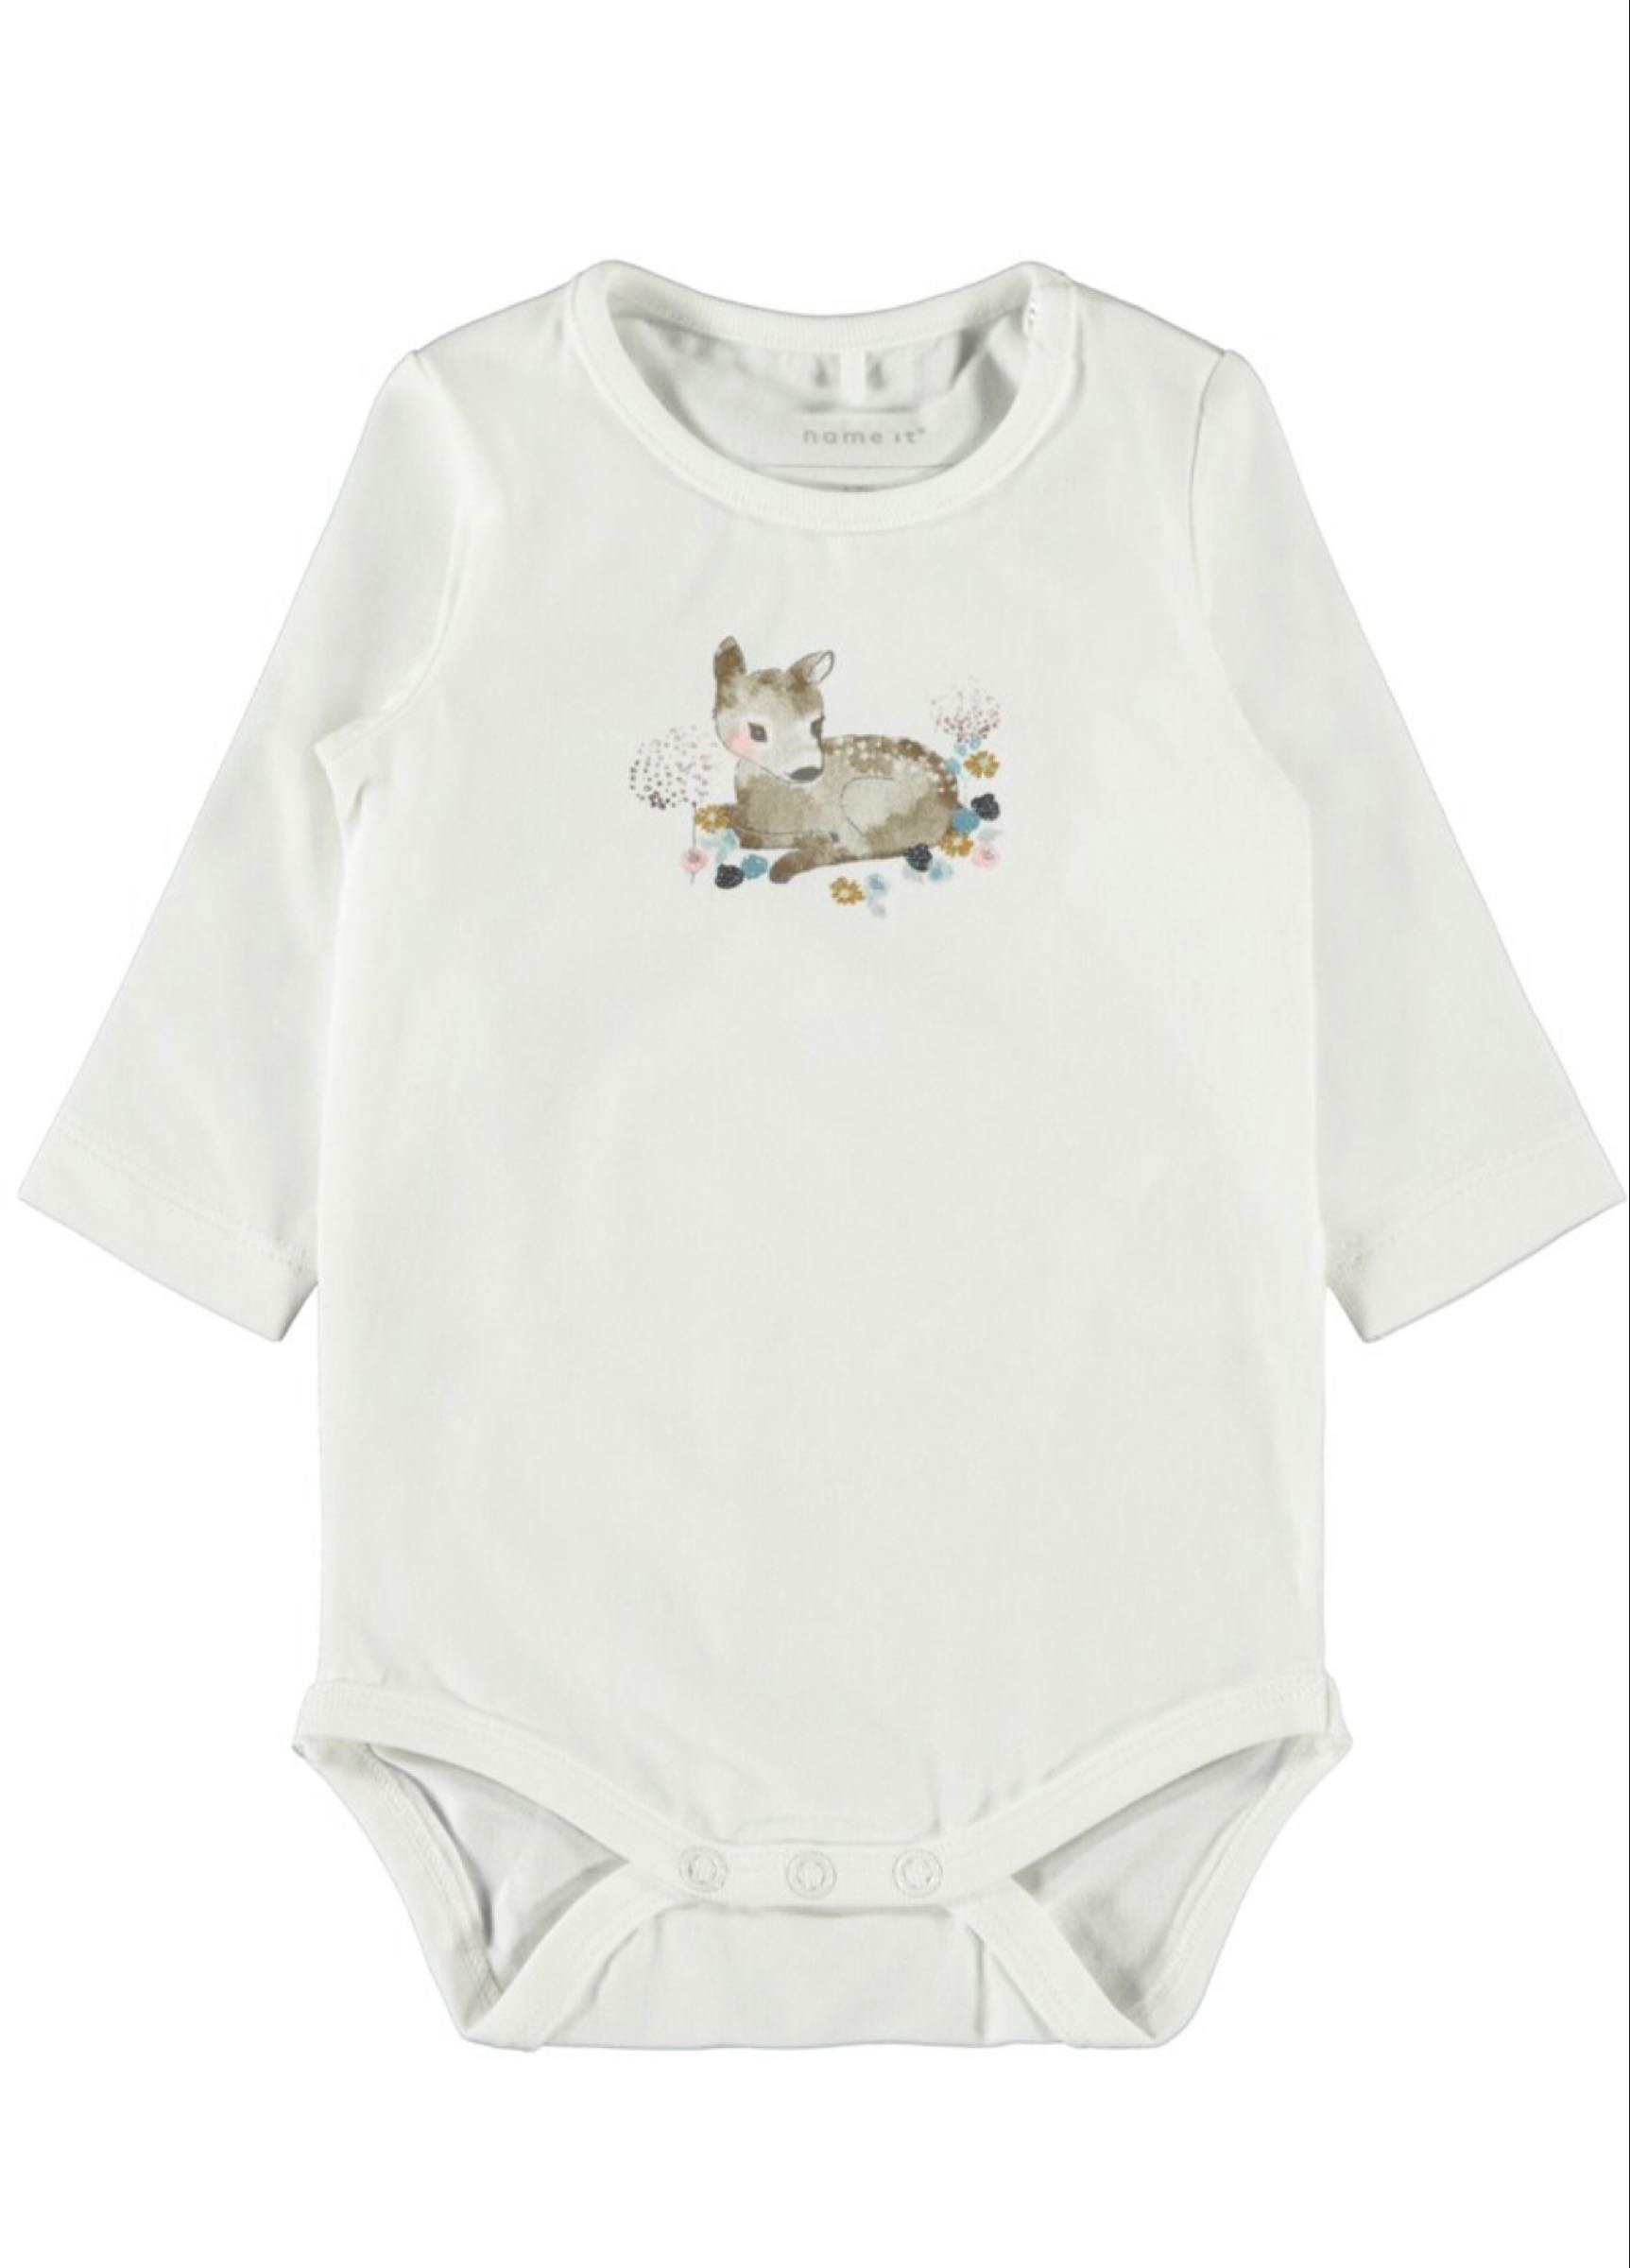 Name it Baby Body med Tryck i Ekologisk Bomull